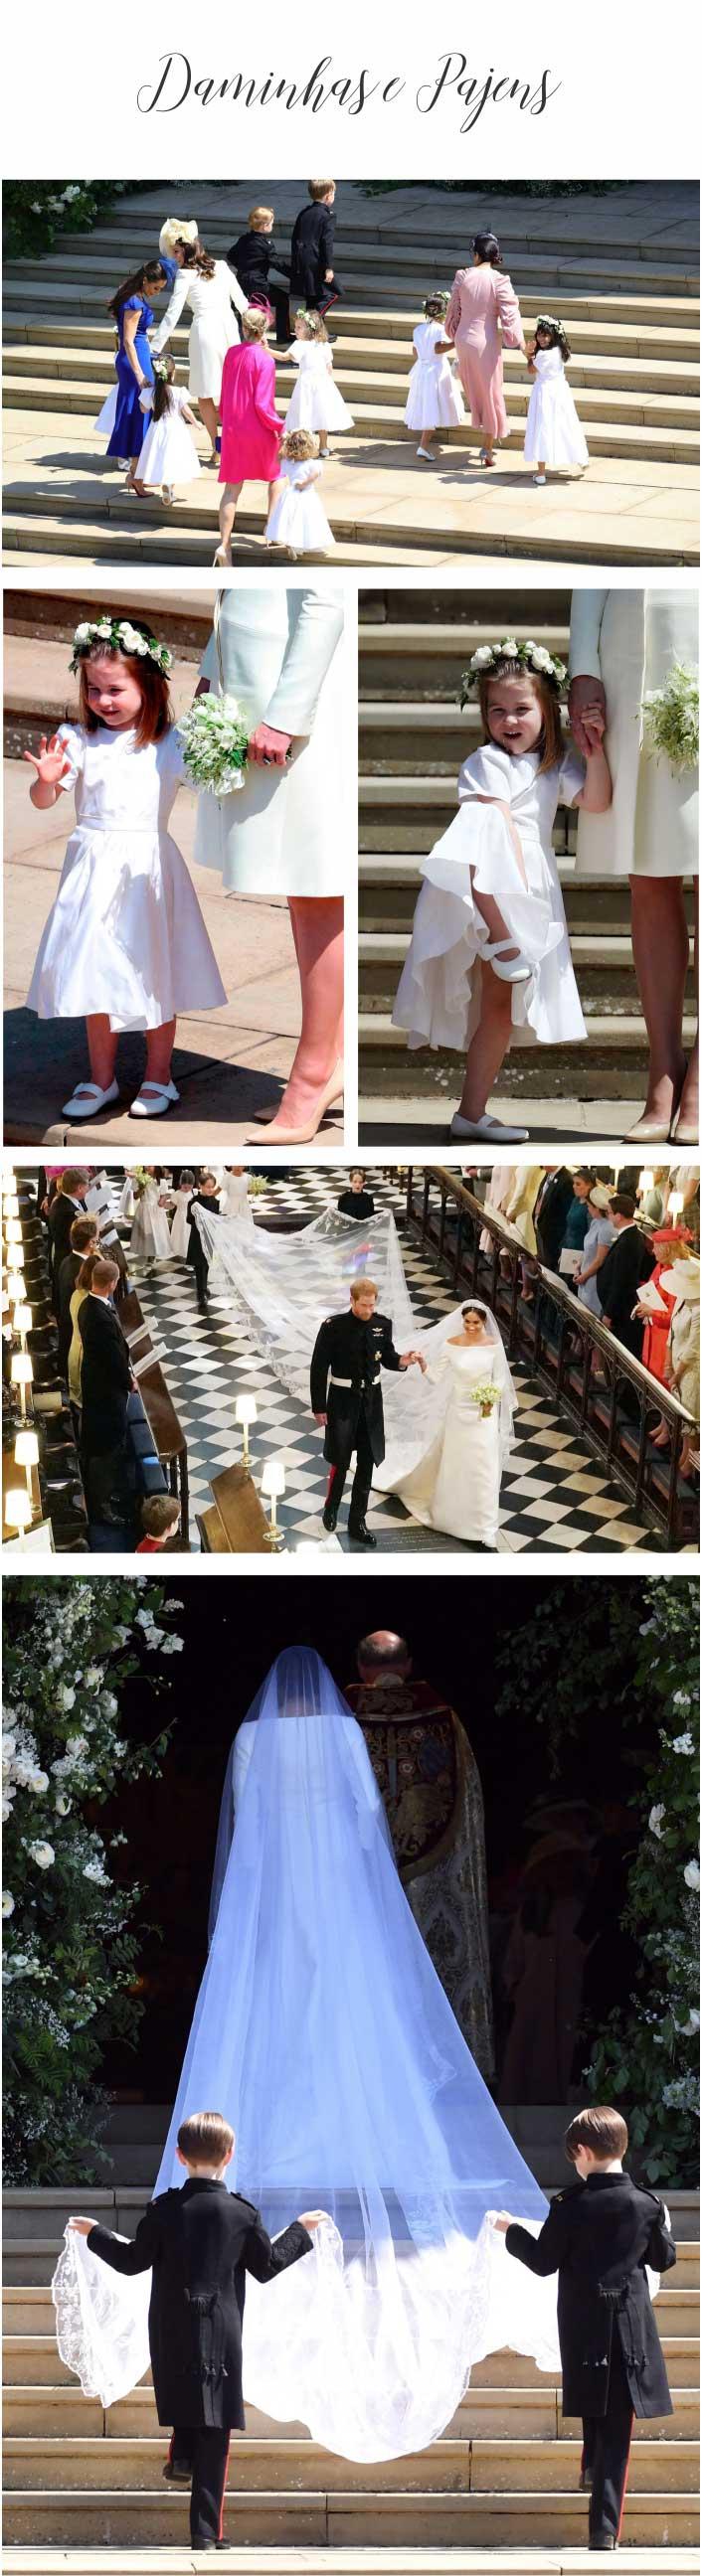 Casamento Real - Príncipe Harry e Meghan Markle - Daminhas e Pajens